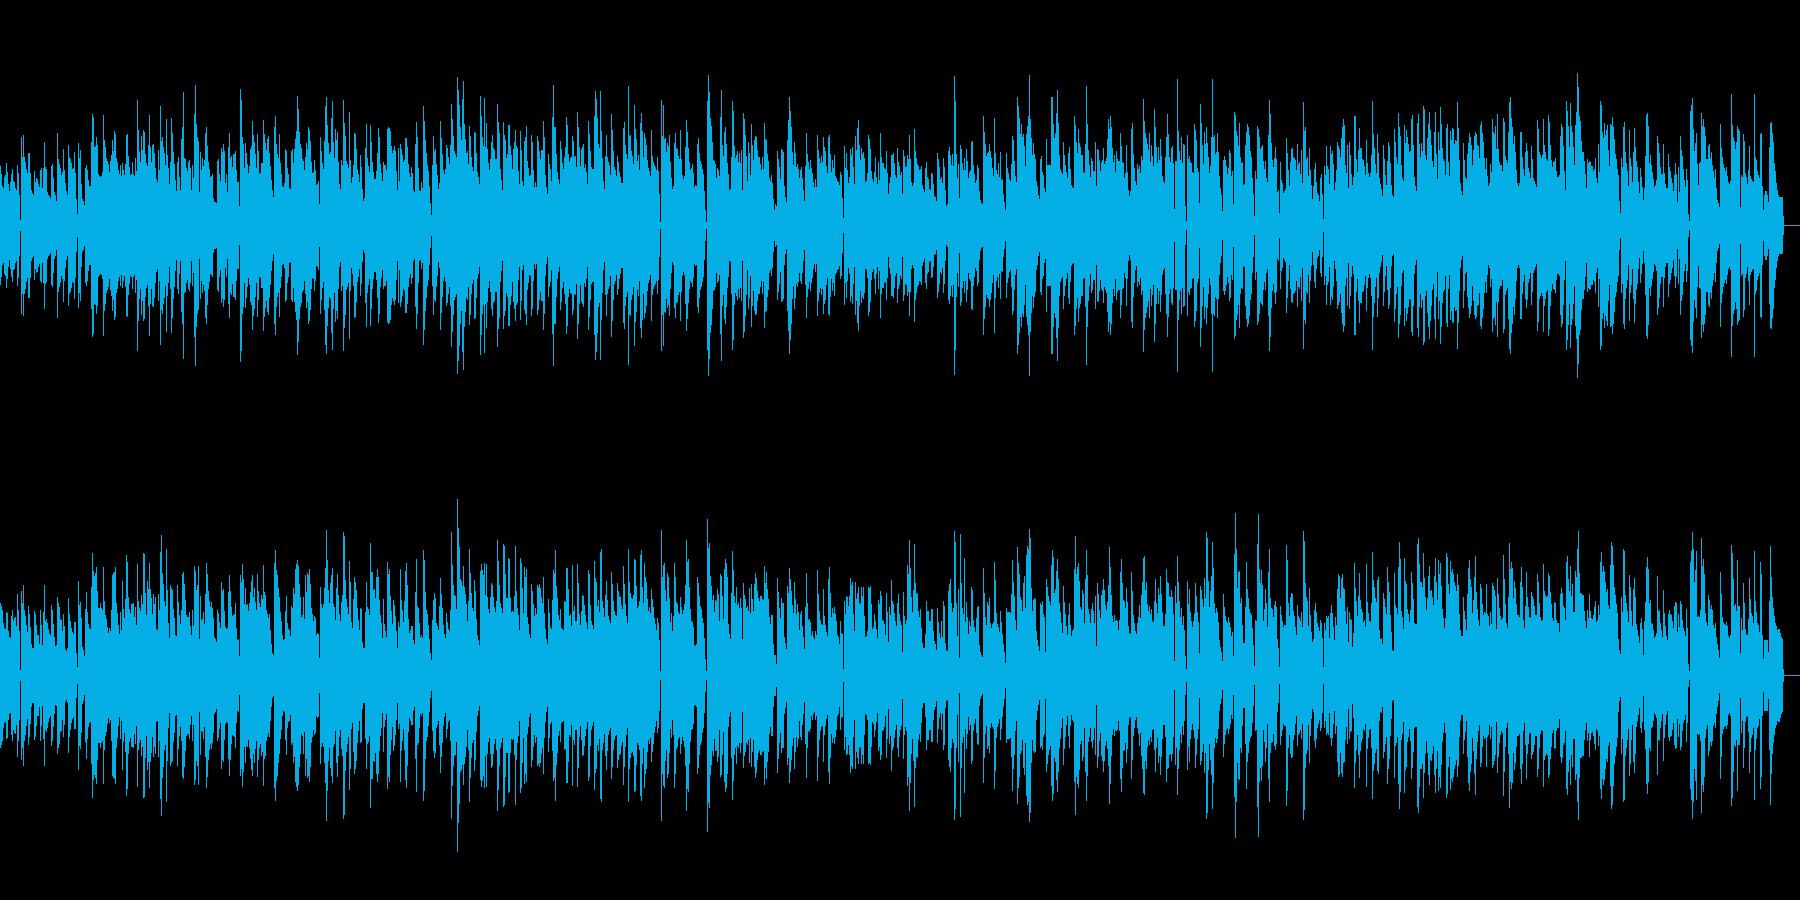 まったりピアノのジャズバラードの再生済みの波形